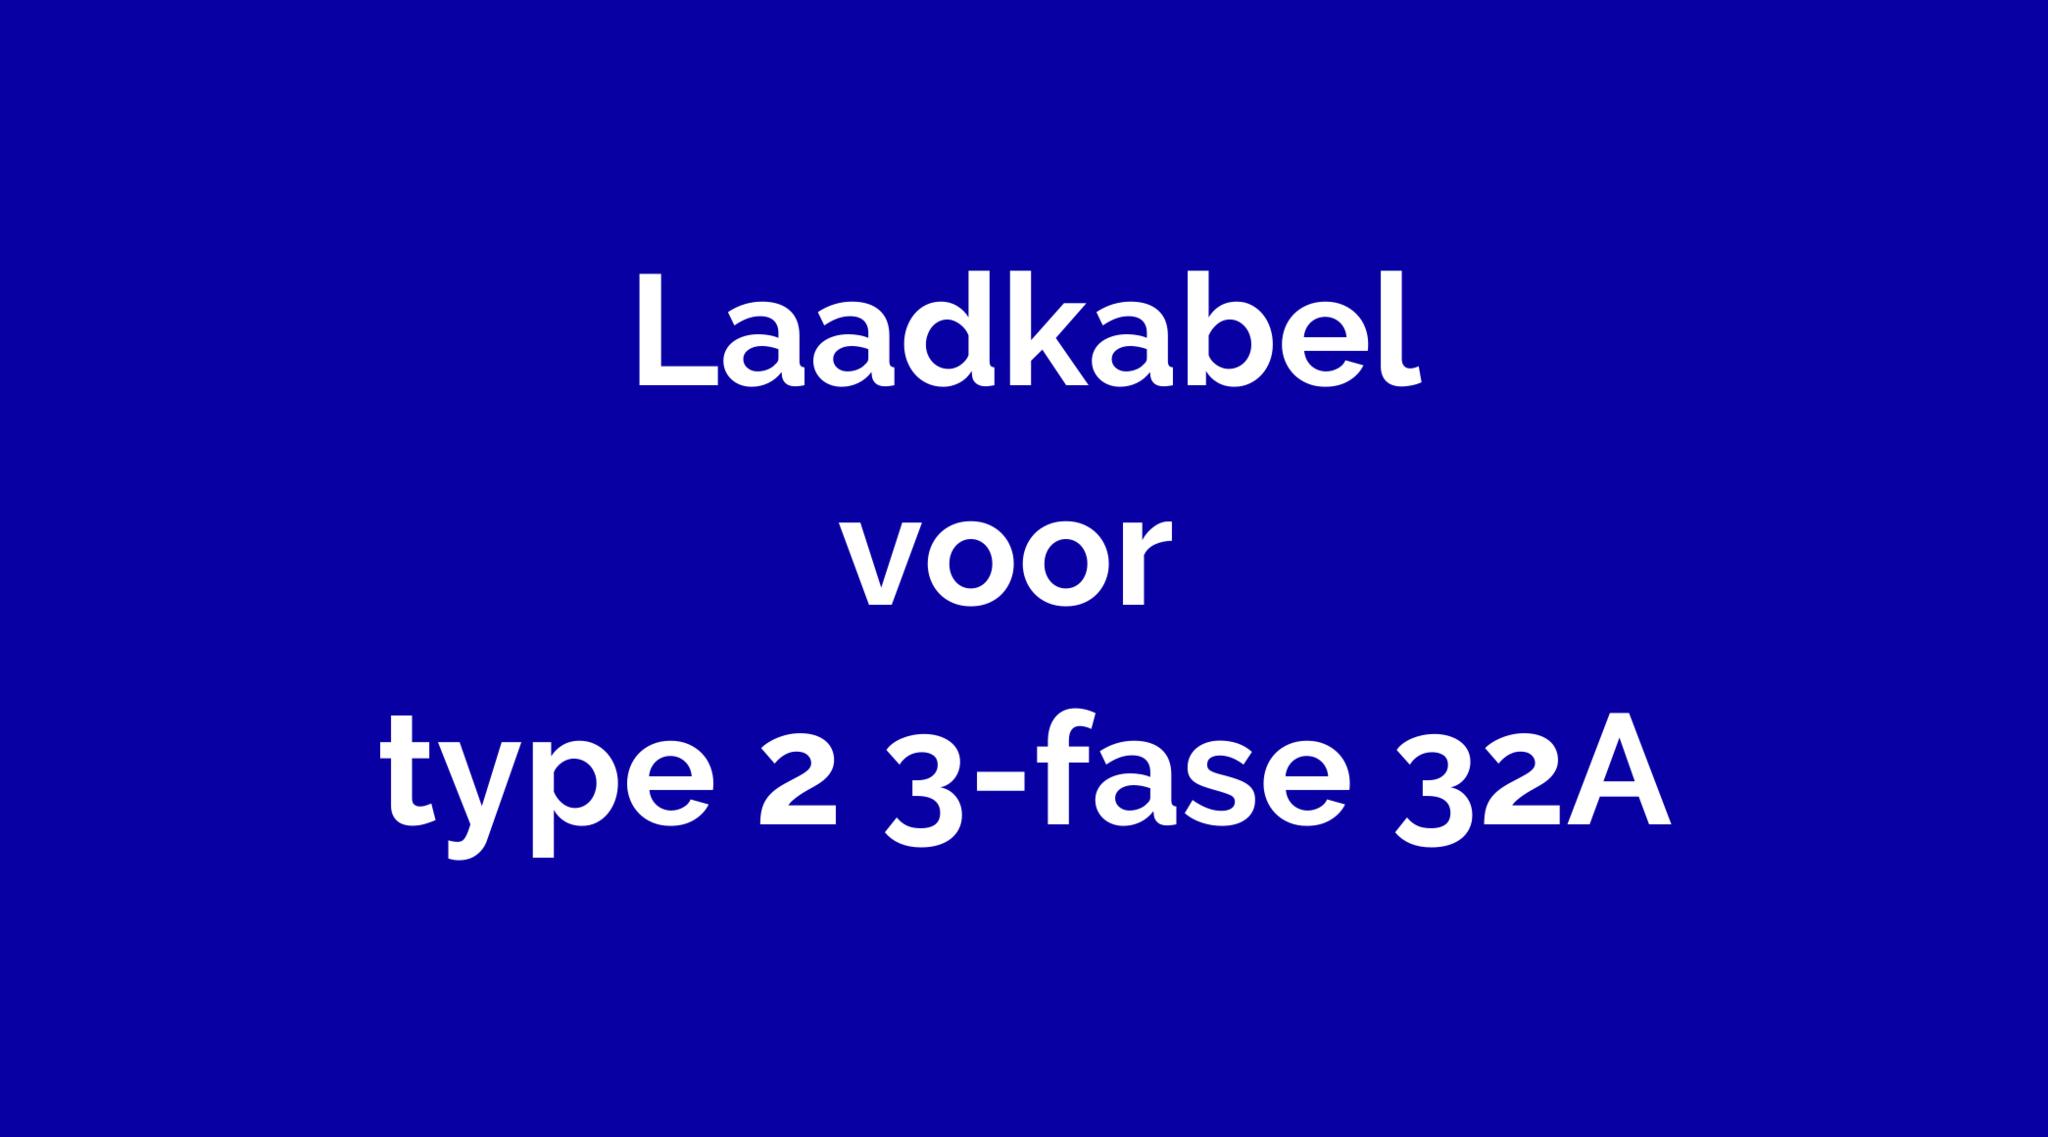 Type 2 Mennekes 3-fase 32A